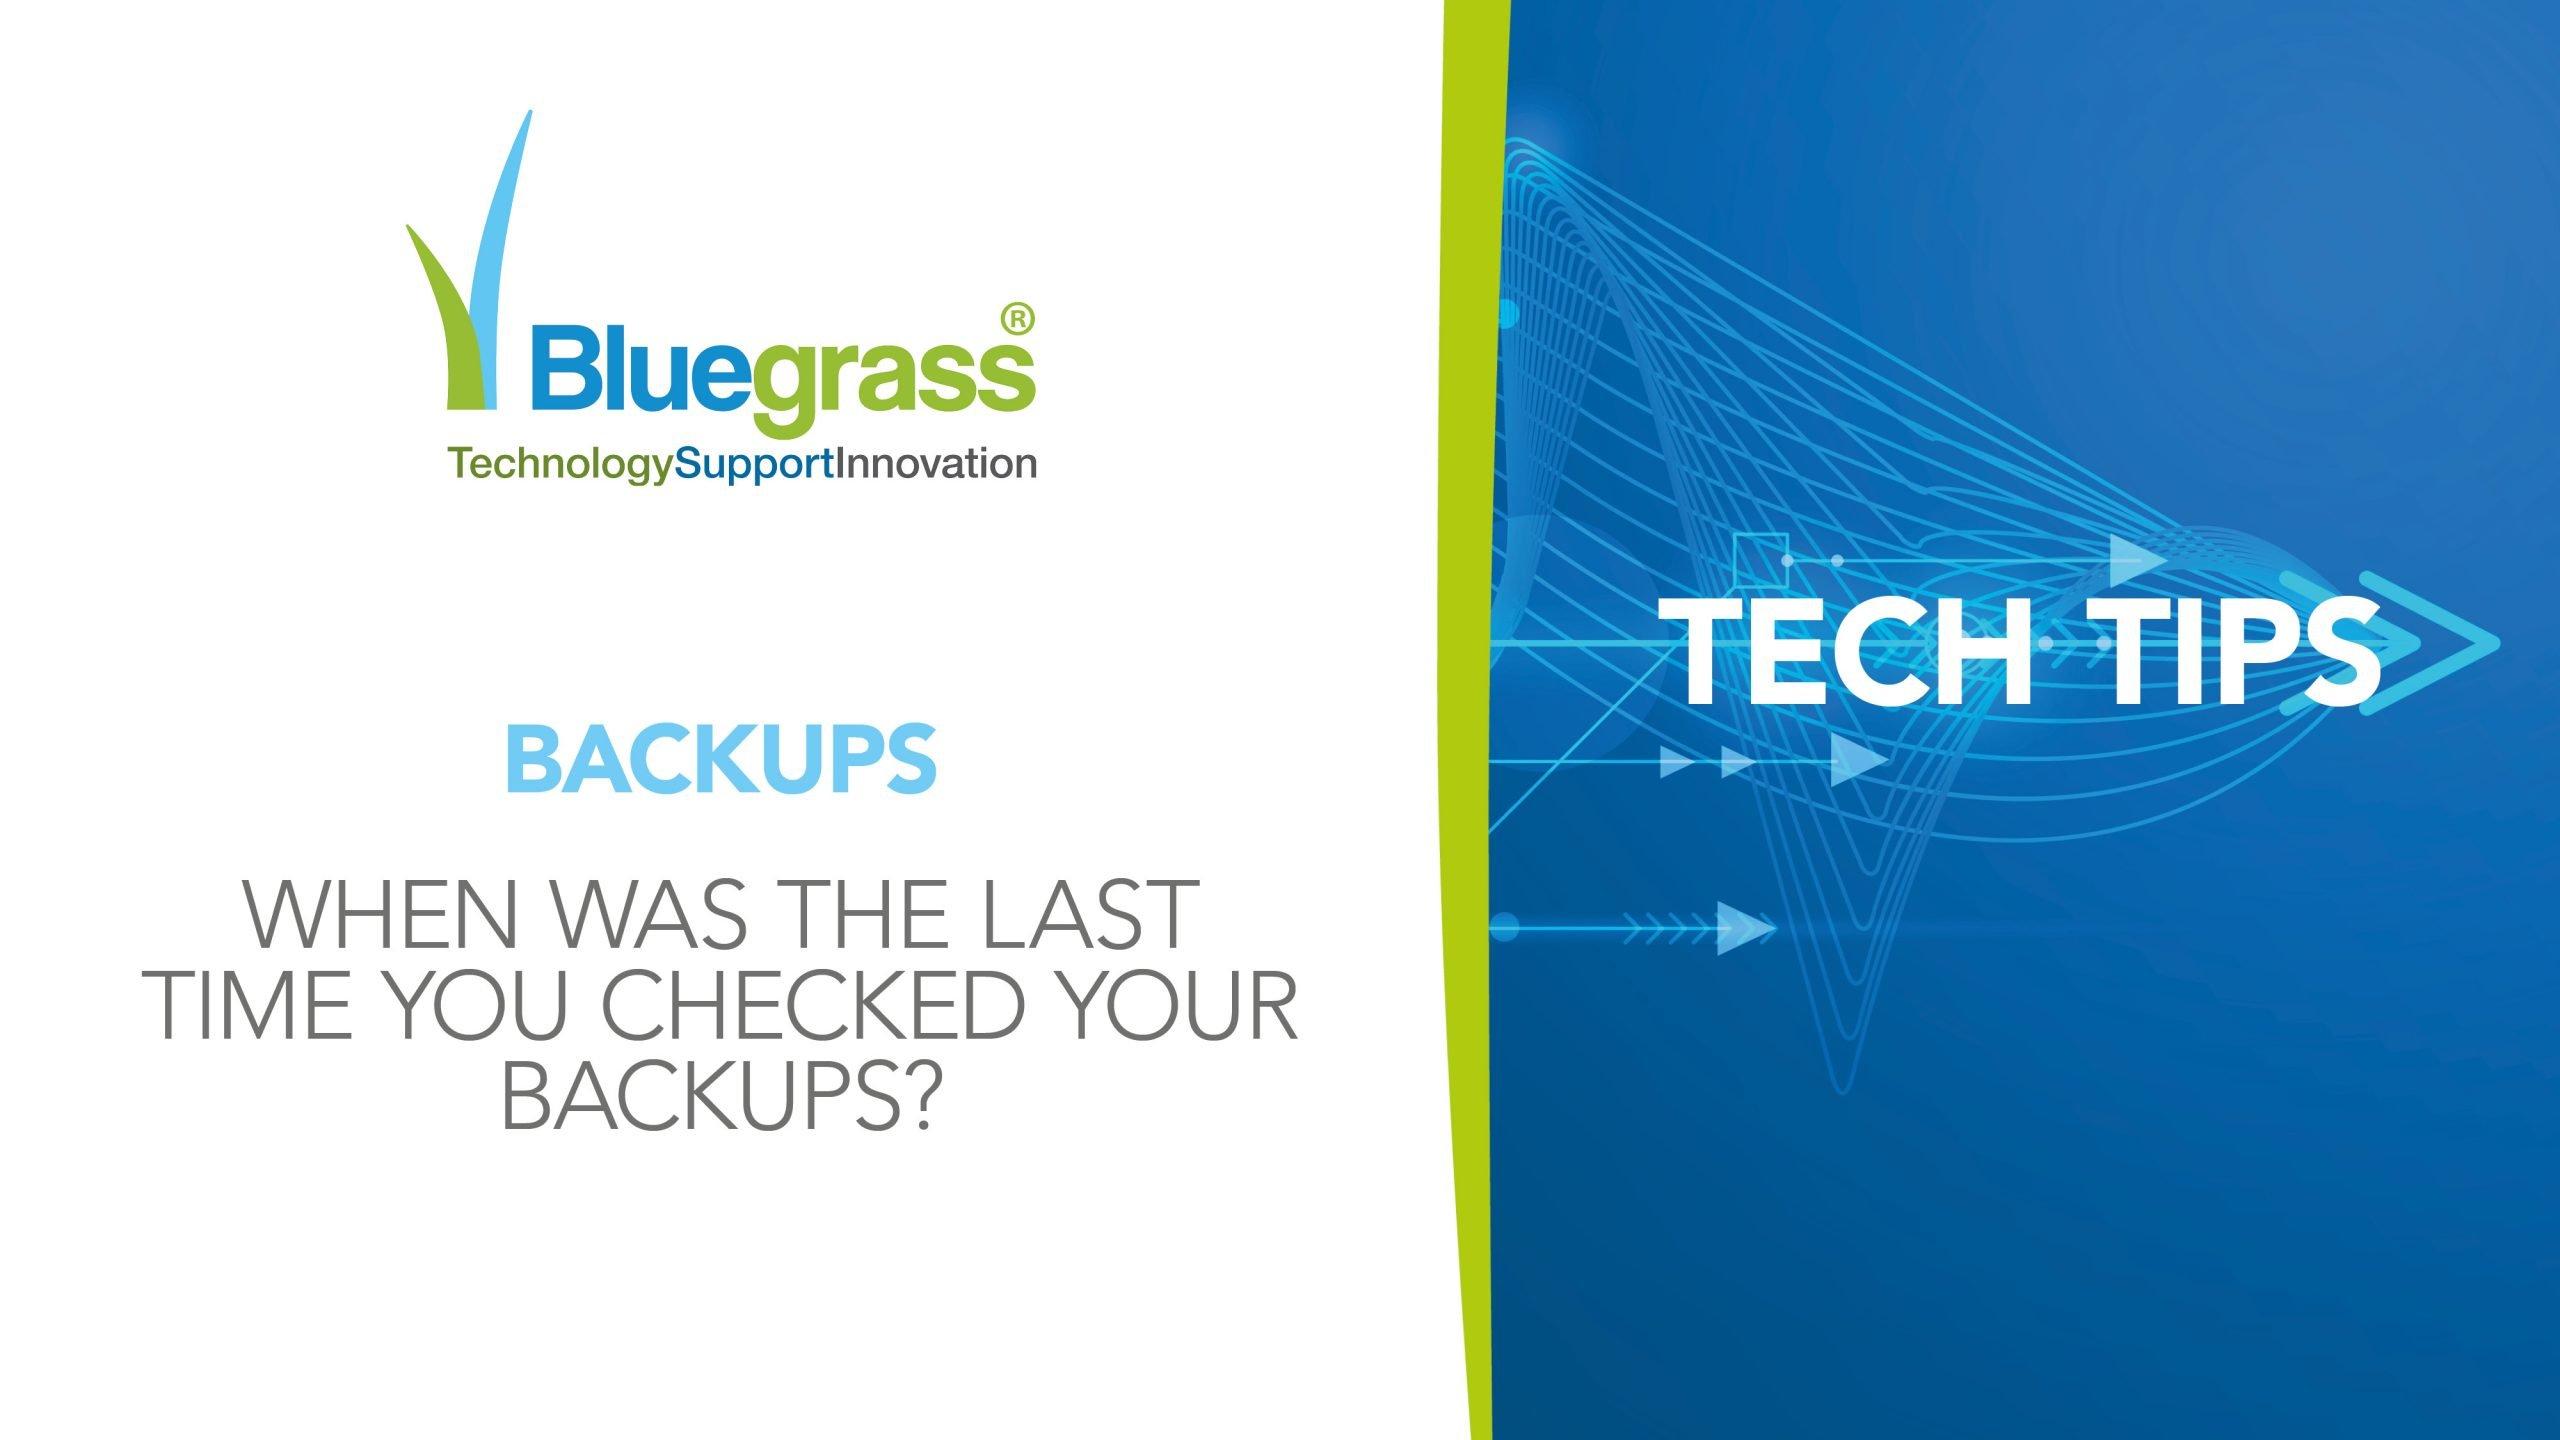 Tech tips backup checks